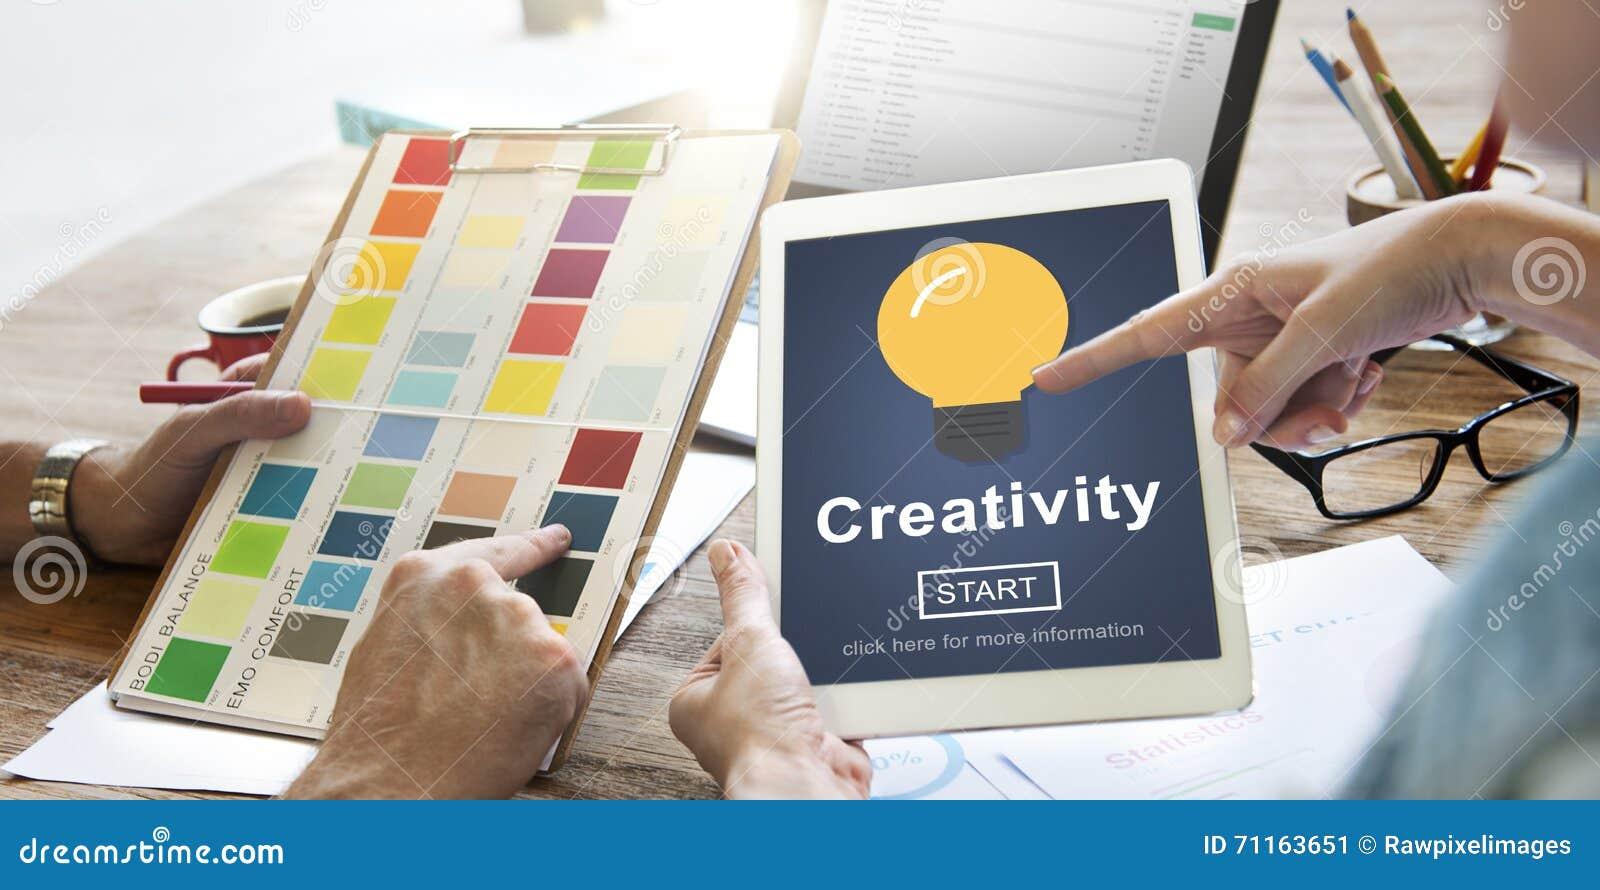 L inspiration d aspiration de créativité inspirent le concept de qualifications